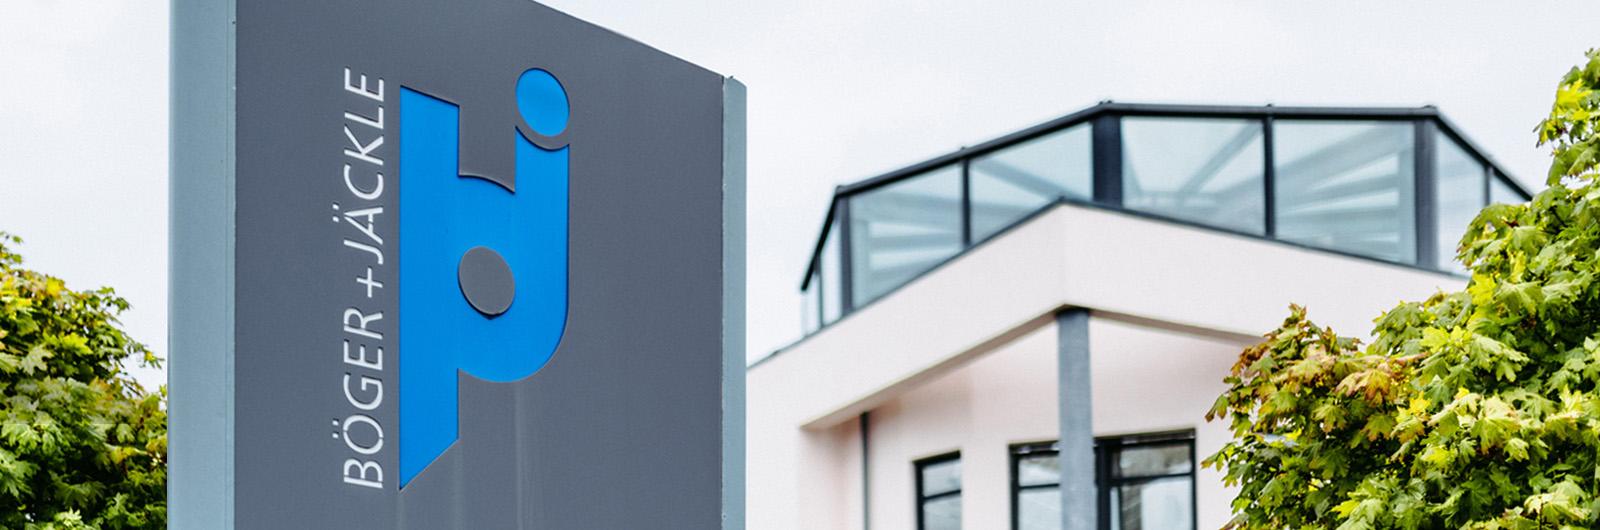 Standort Böger + Jäckle